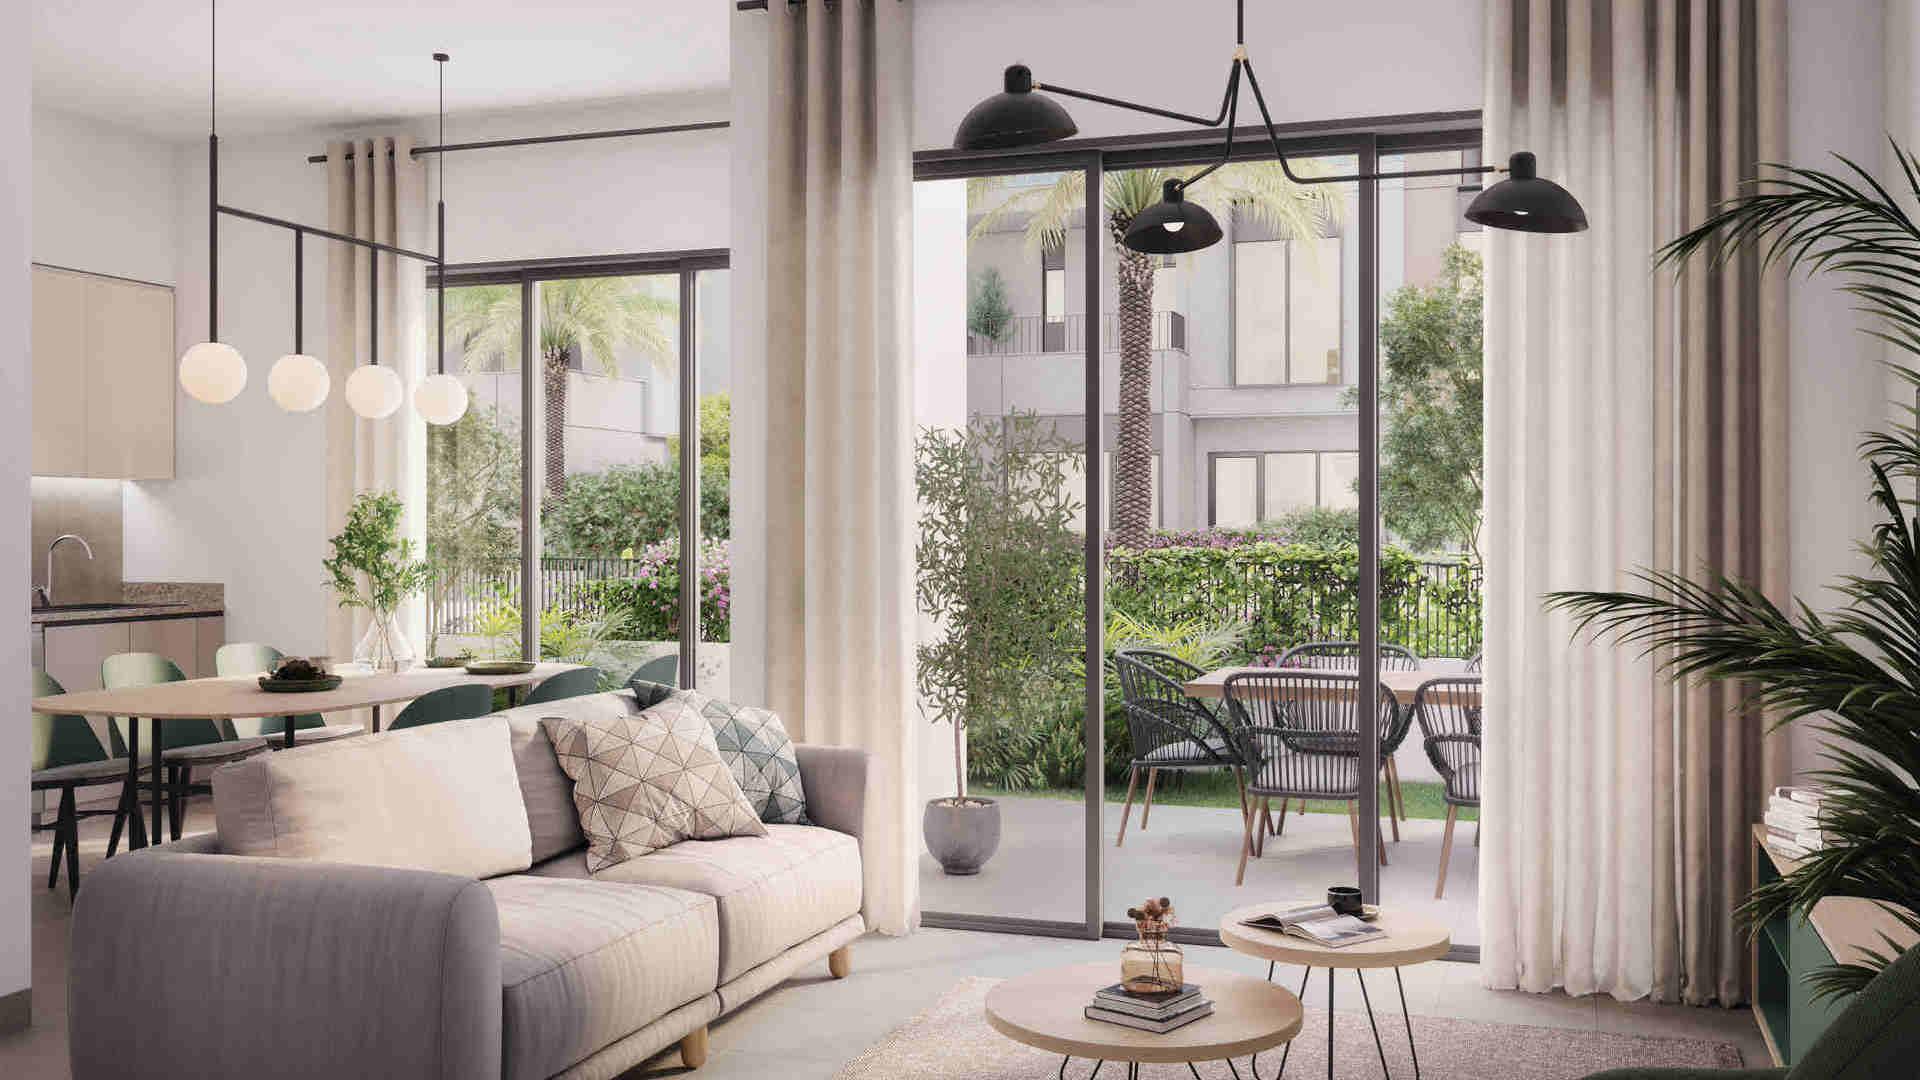 Villa en venta en Dubai, EAU, 4 dormitorios, 228 m2, № 24256 – foto 7